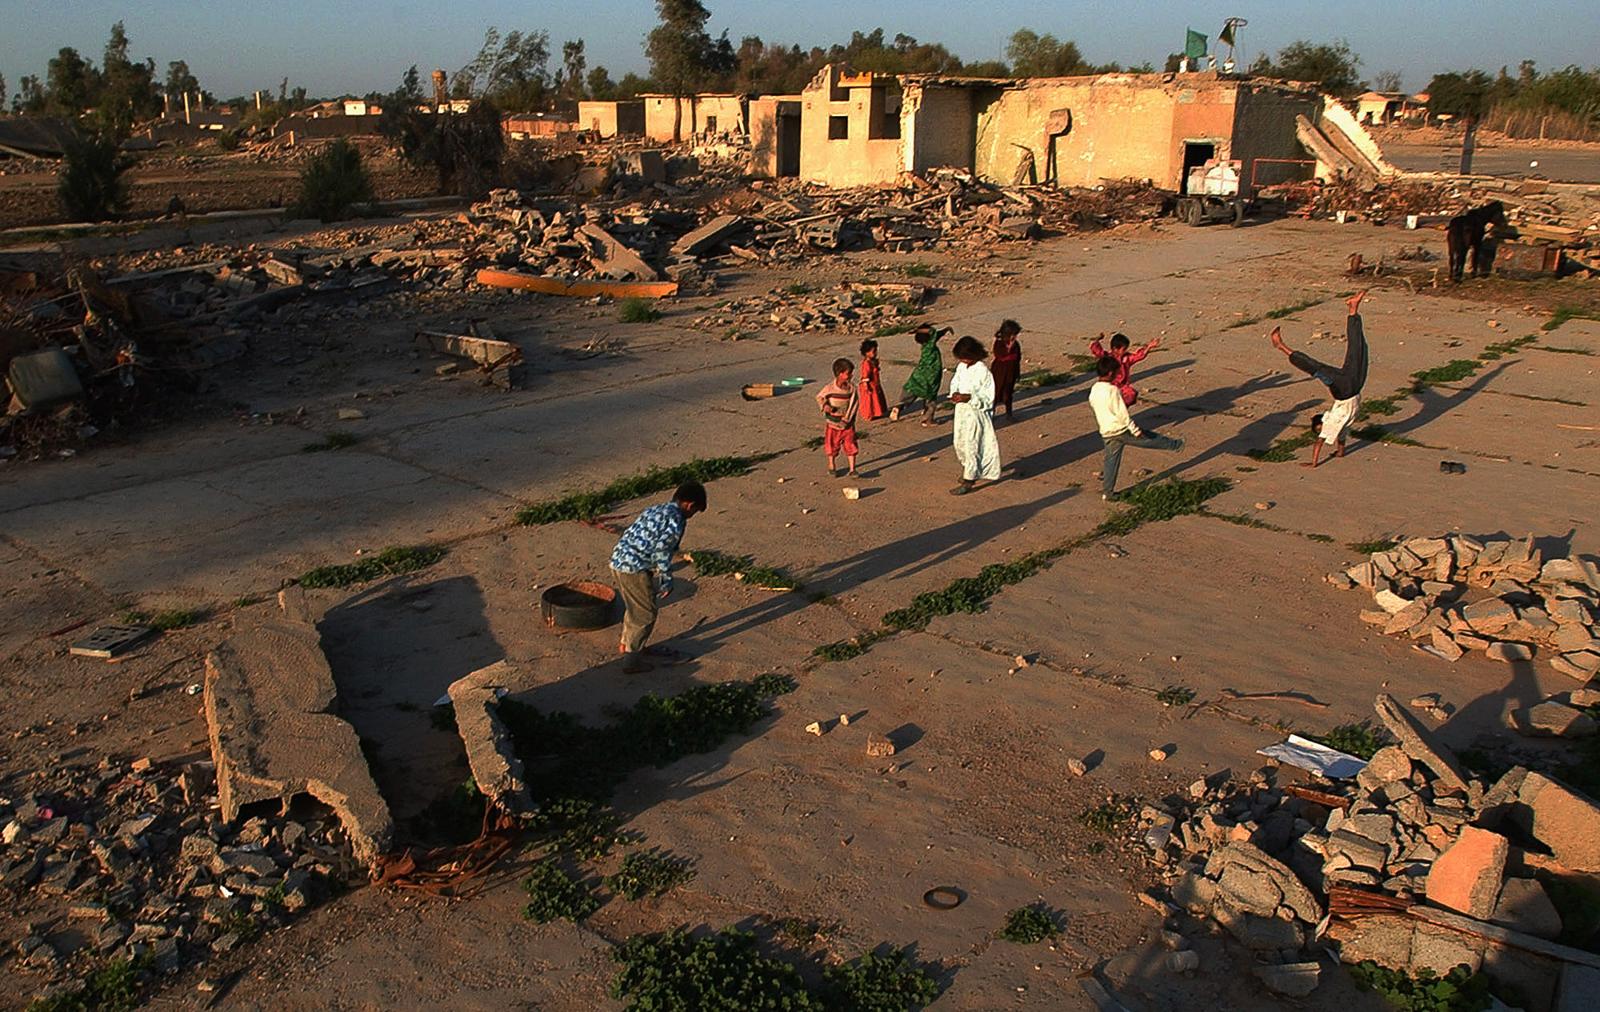 Crianças brincando em torno de escombros de edifício em terreno danificado (© AP Images)